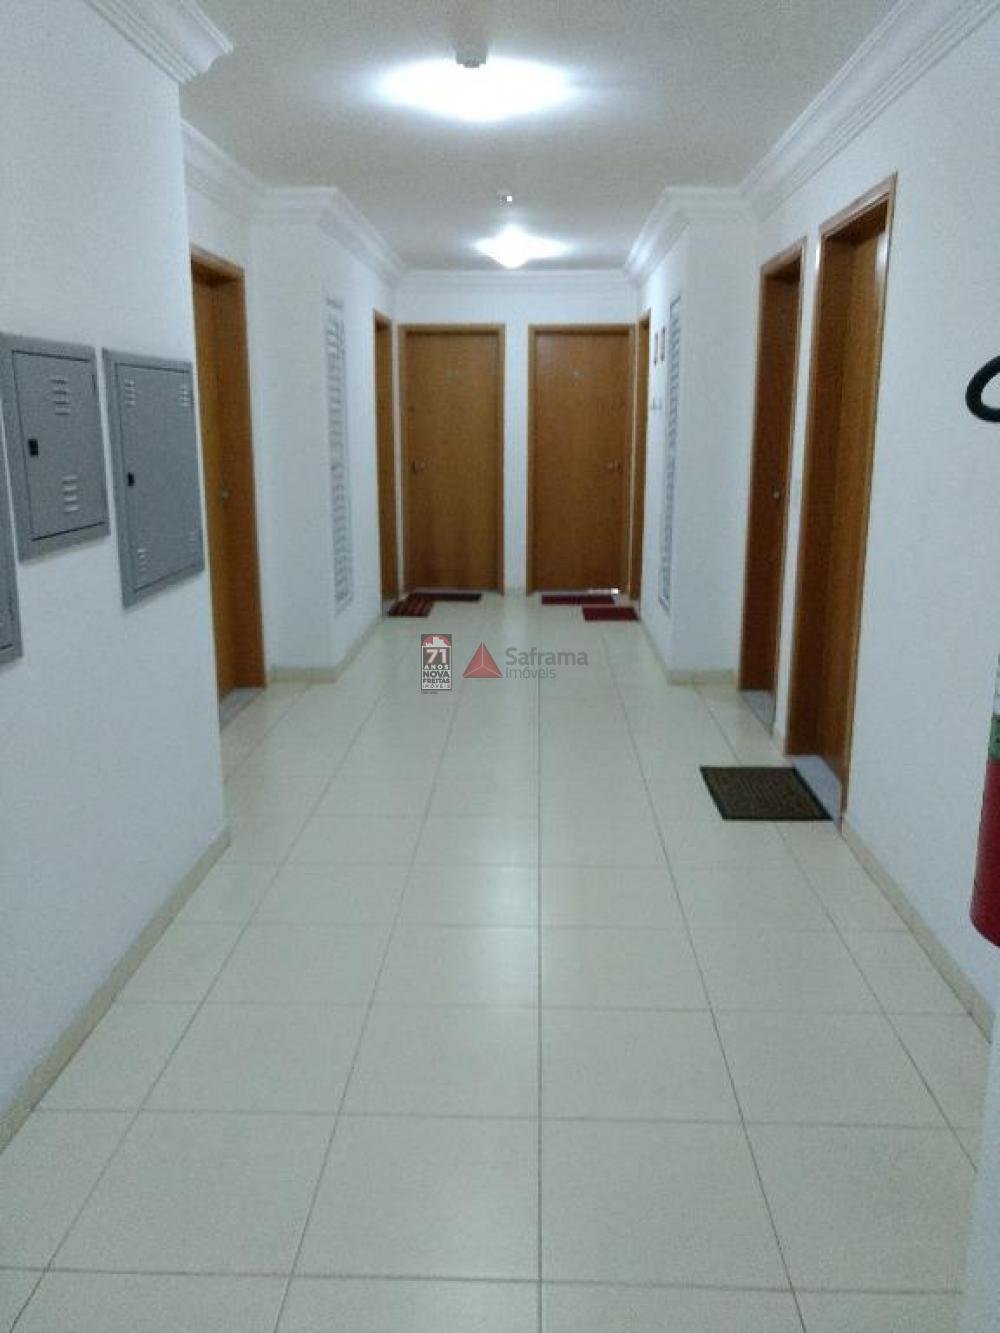 Comprar Apartamento / Padrão em São José dos Campos apenas R$ 630.000,00 - Foto 16